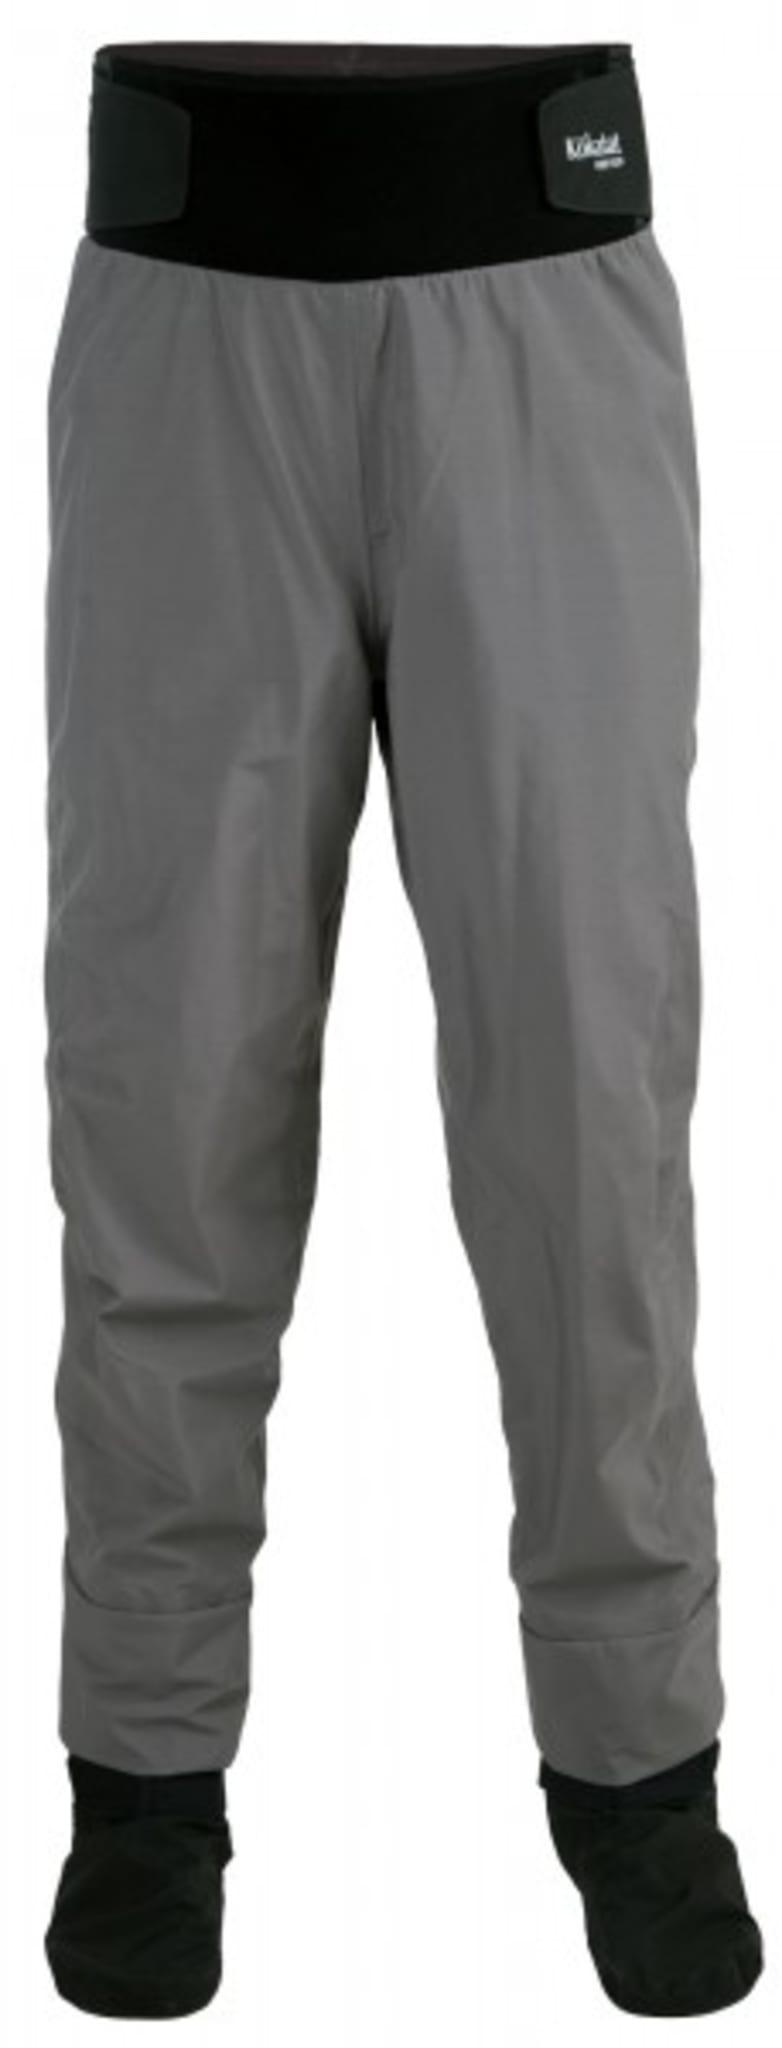 Gore-Tex bukse med sokker fra anerkjente Kokatat!